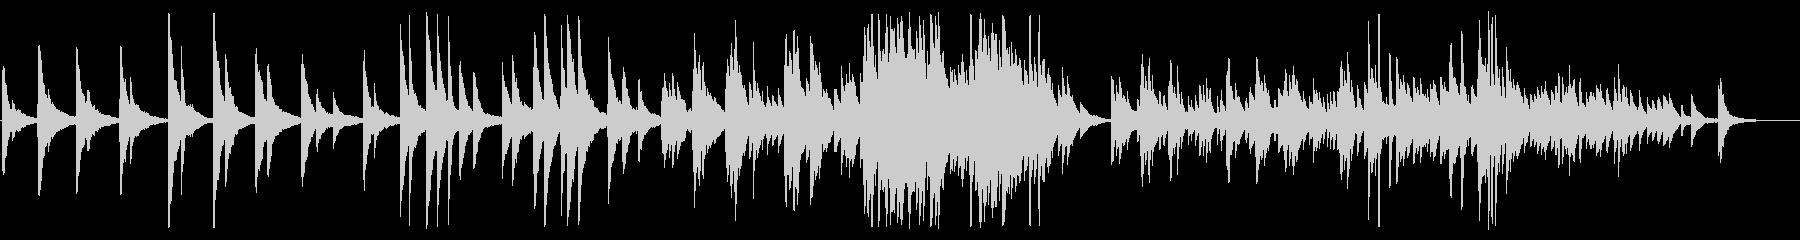 ゆったりとしたピアノに諭されるBGMの未再生の波形